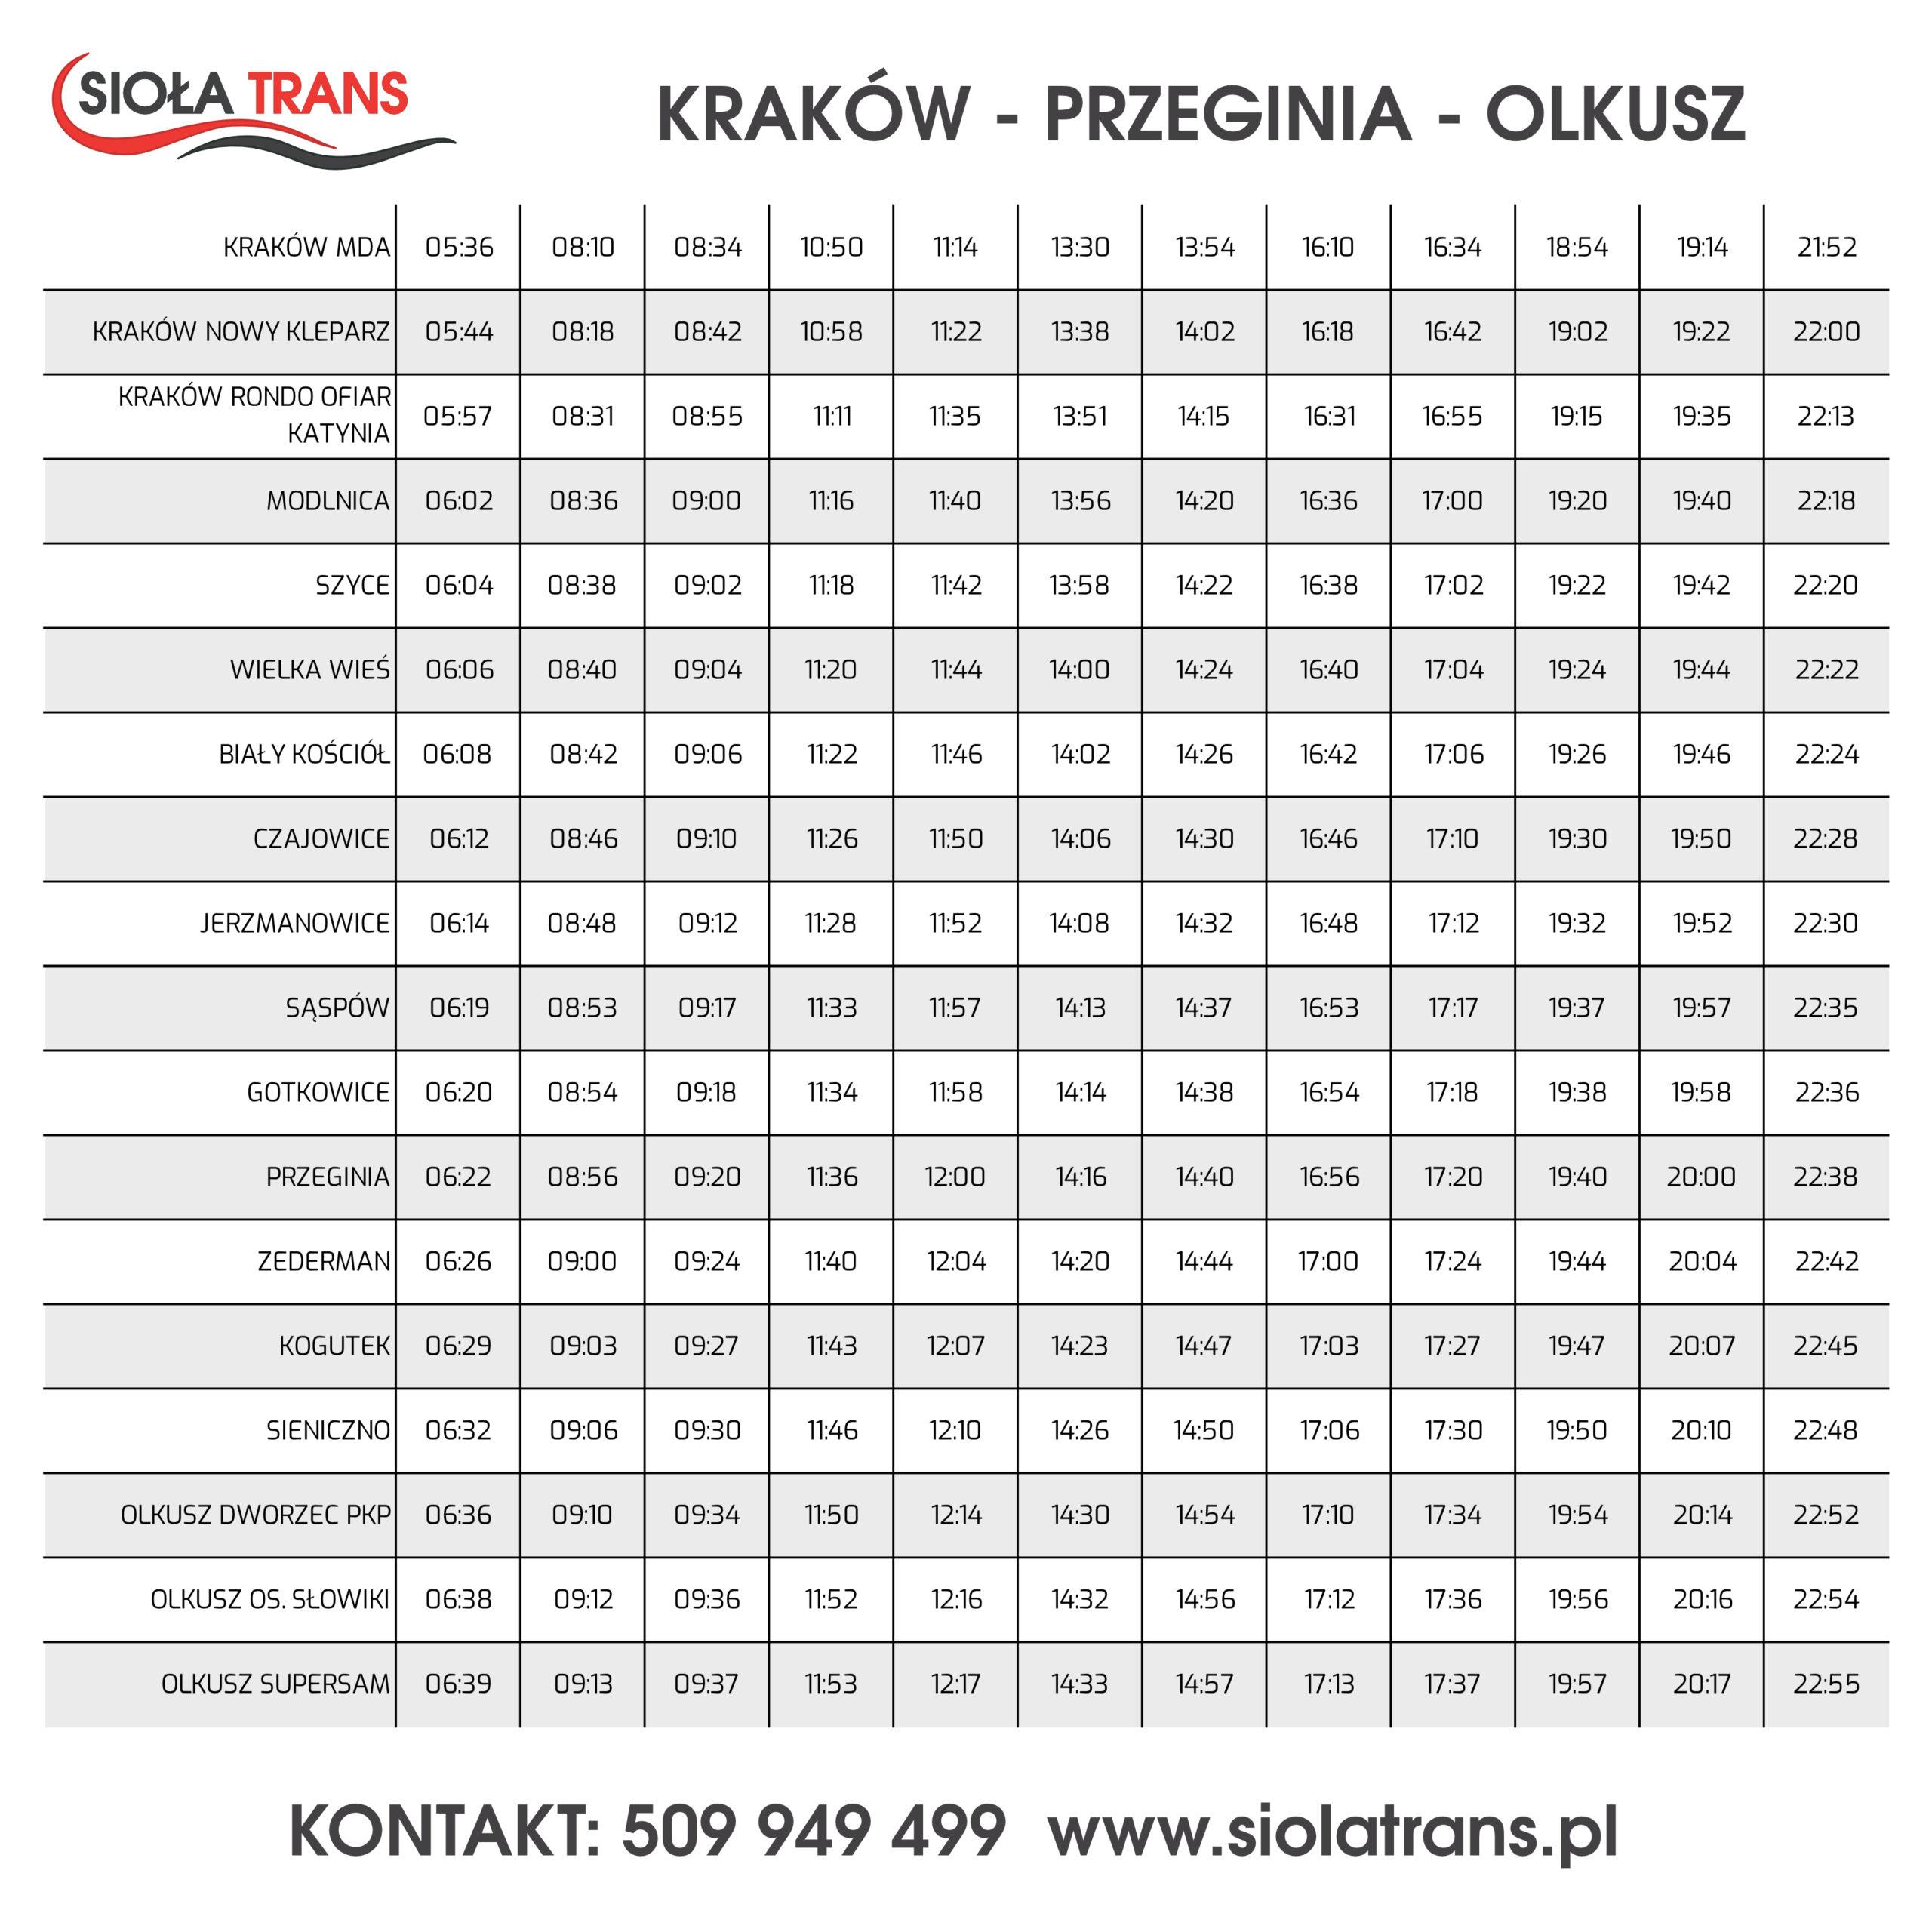 siola_trans_krakow_olkusz